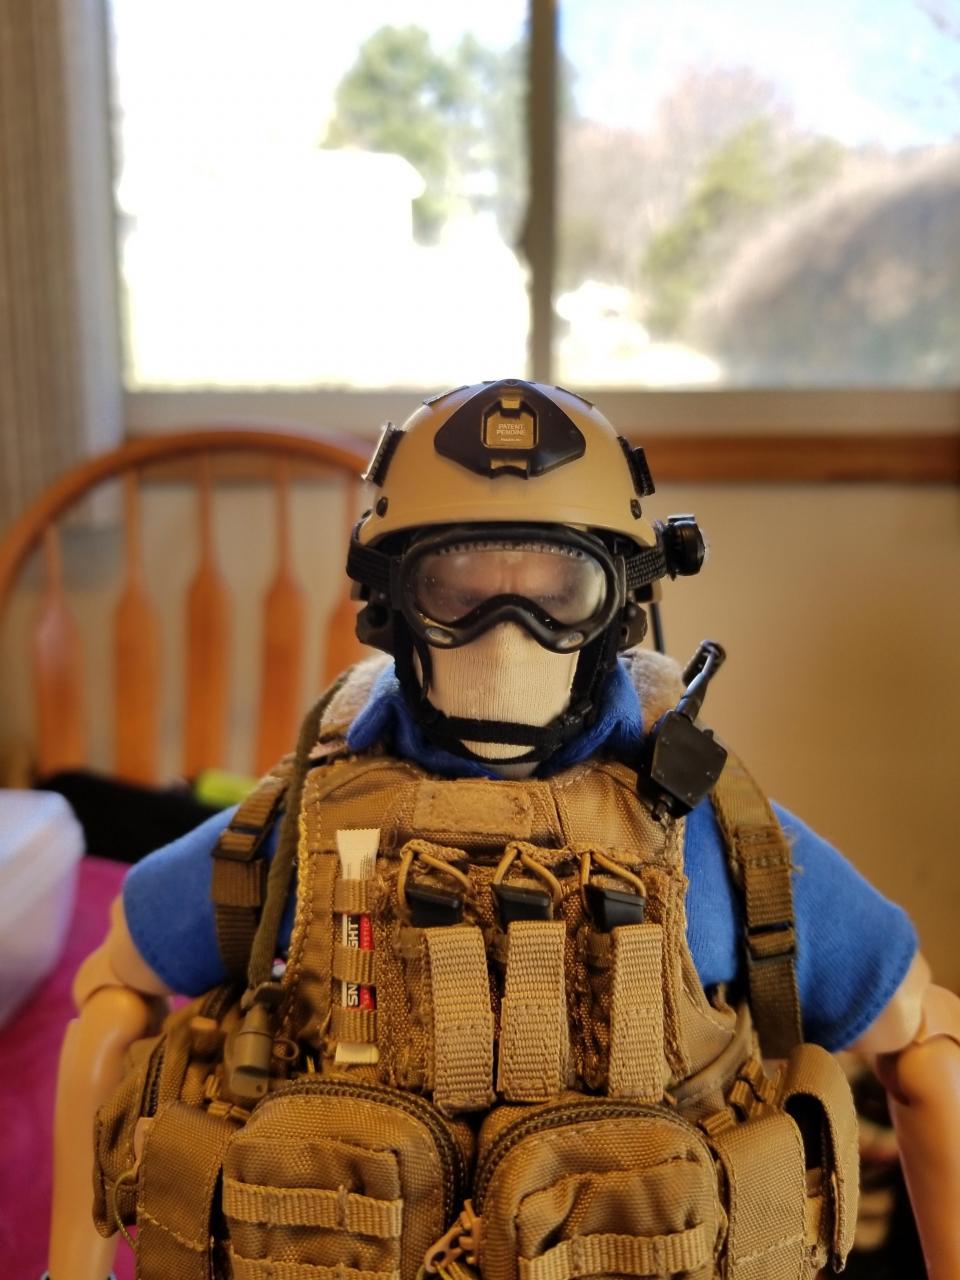 Modern Warfare 2 - Task Force 141 operative in urban wear (pic heavy)-1_-_uyrakcj[1]-jpg